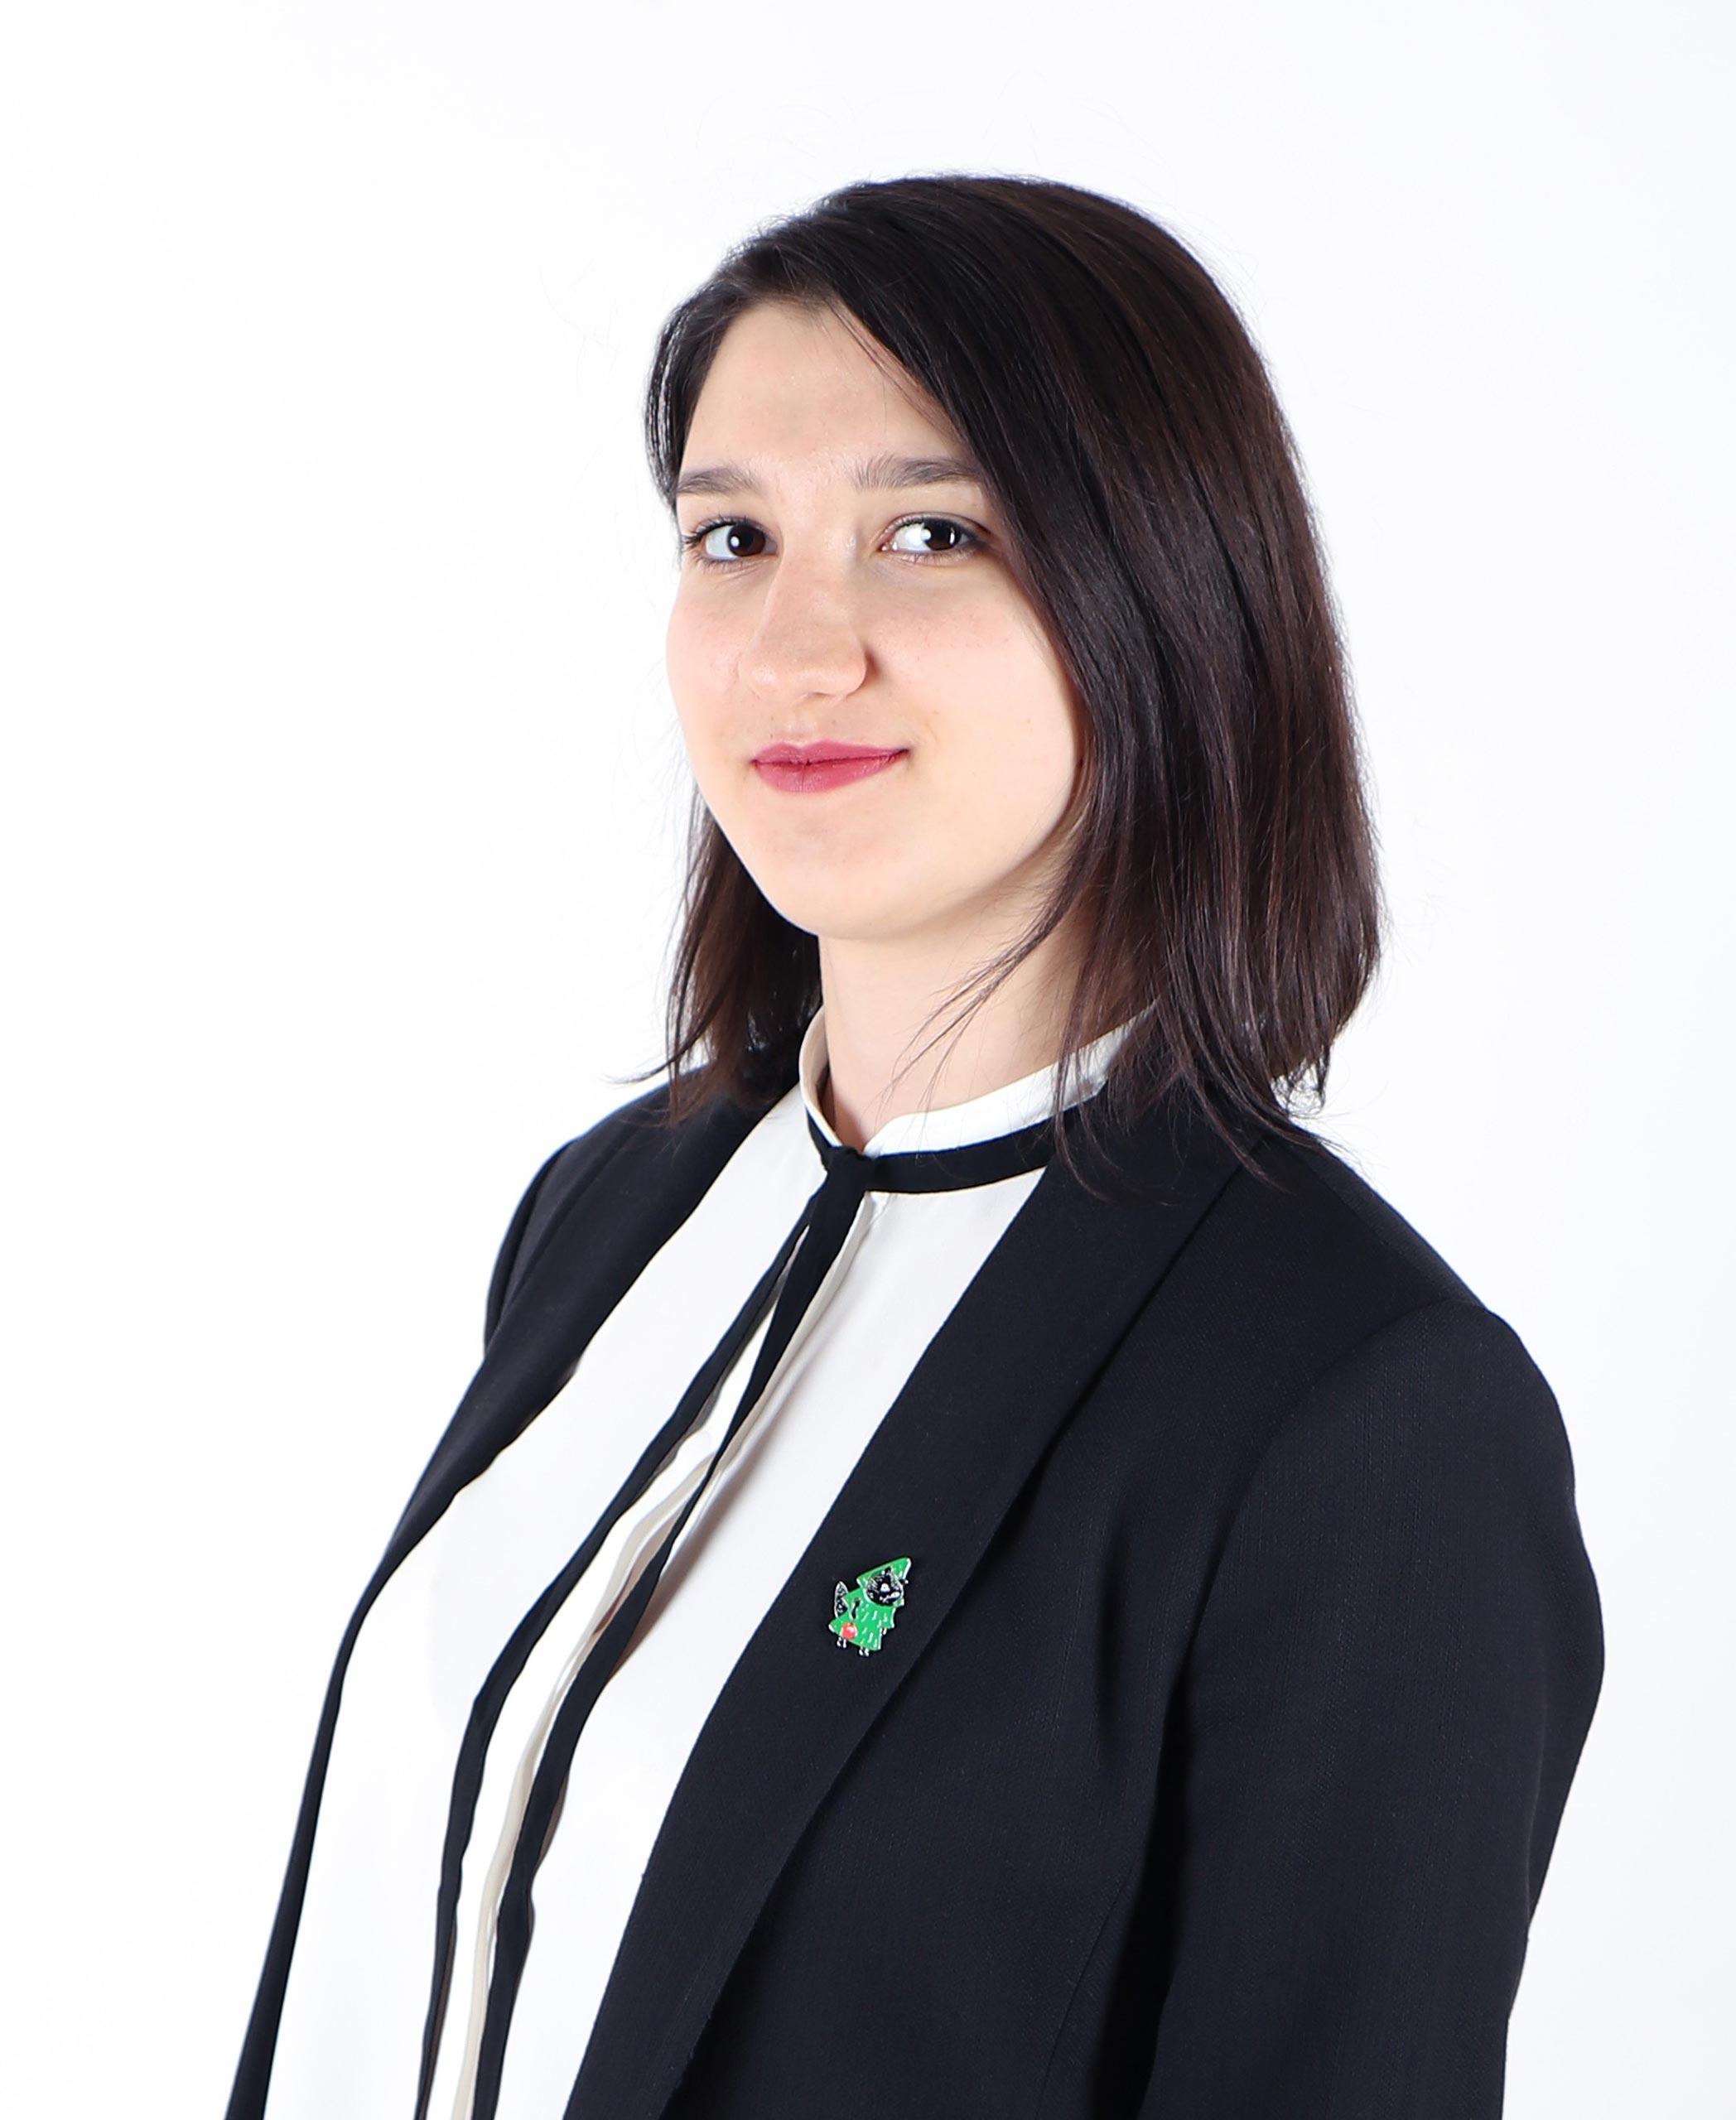 ХАМИДУЛИНА ЕКАТЕРИНА РАМИЛЬЕВНА педагог дополнительного образования, Руководитель студии «Промышленный дизайн»